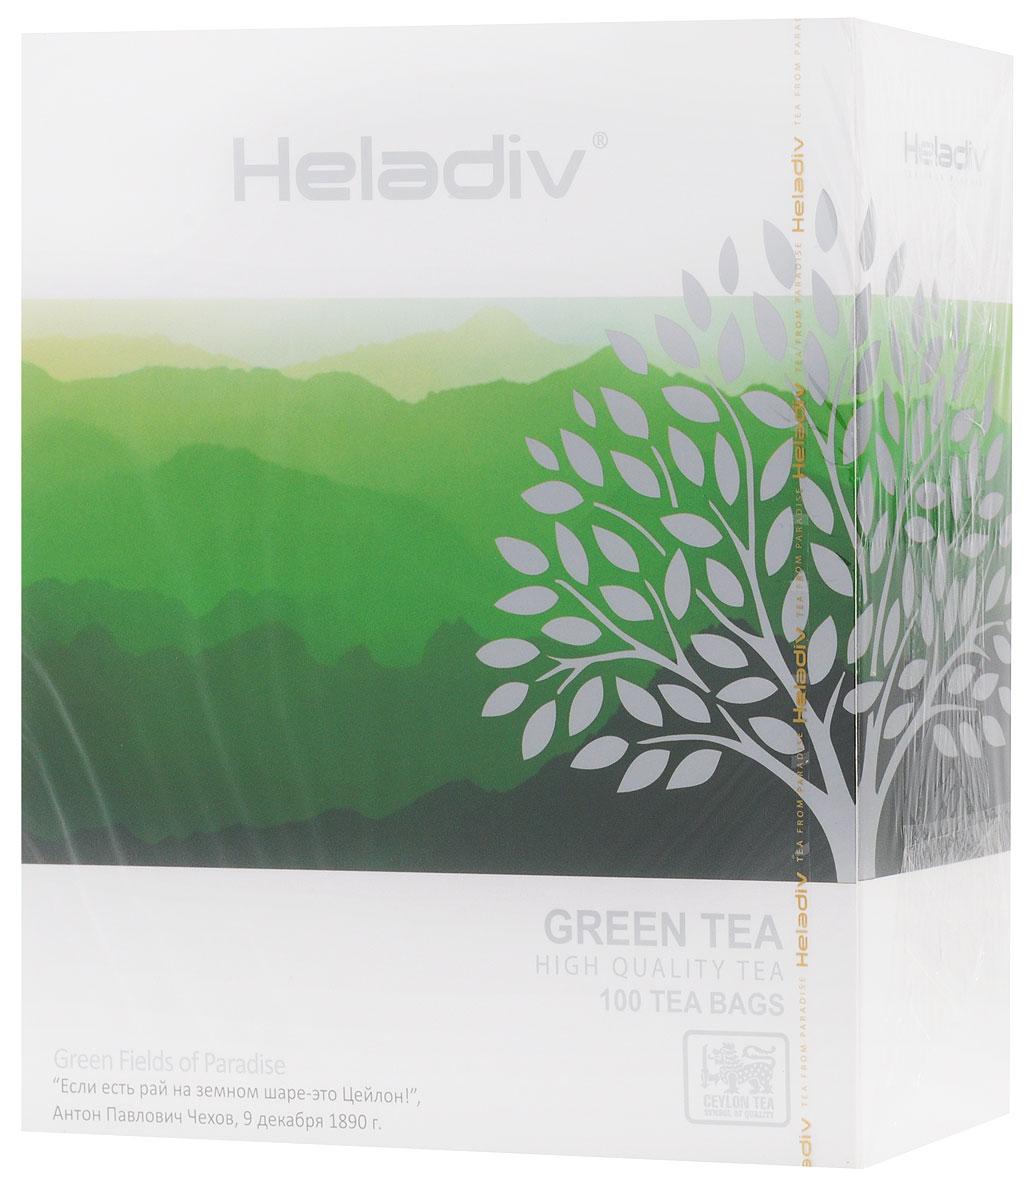 Heladiv Green Tea чай зеленый в пакетиках, 100 шт4791007008378Превосходный зеленый чай Heladiv обладает приятным насыщенным вкусом, изысканным ароматом и настоем золотистого цвета.